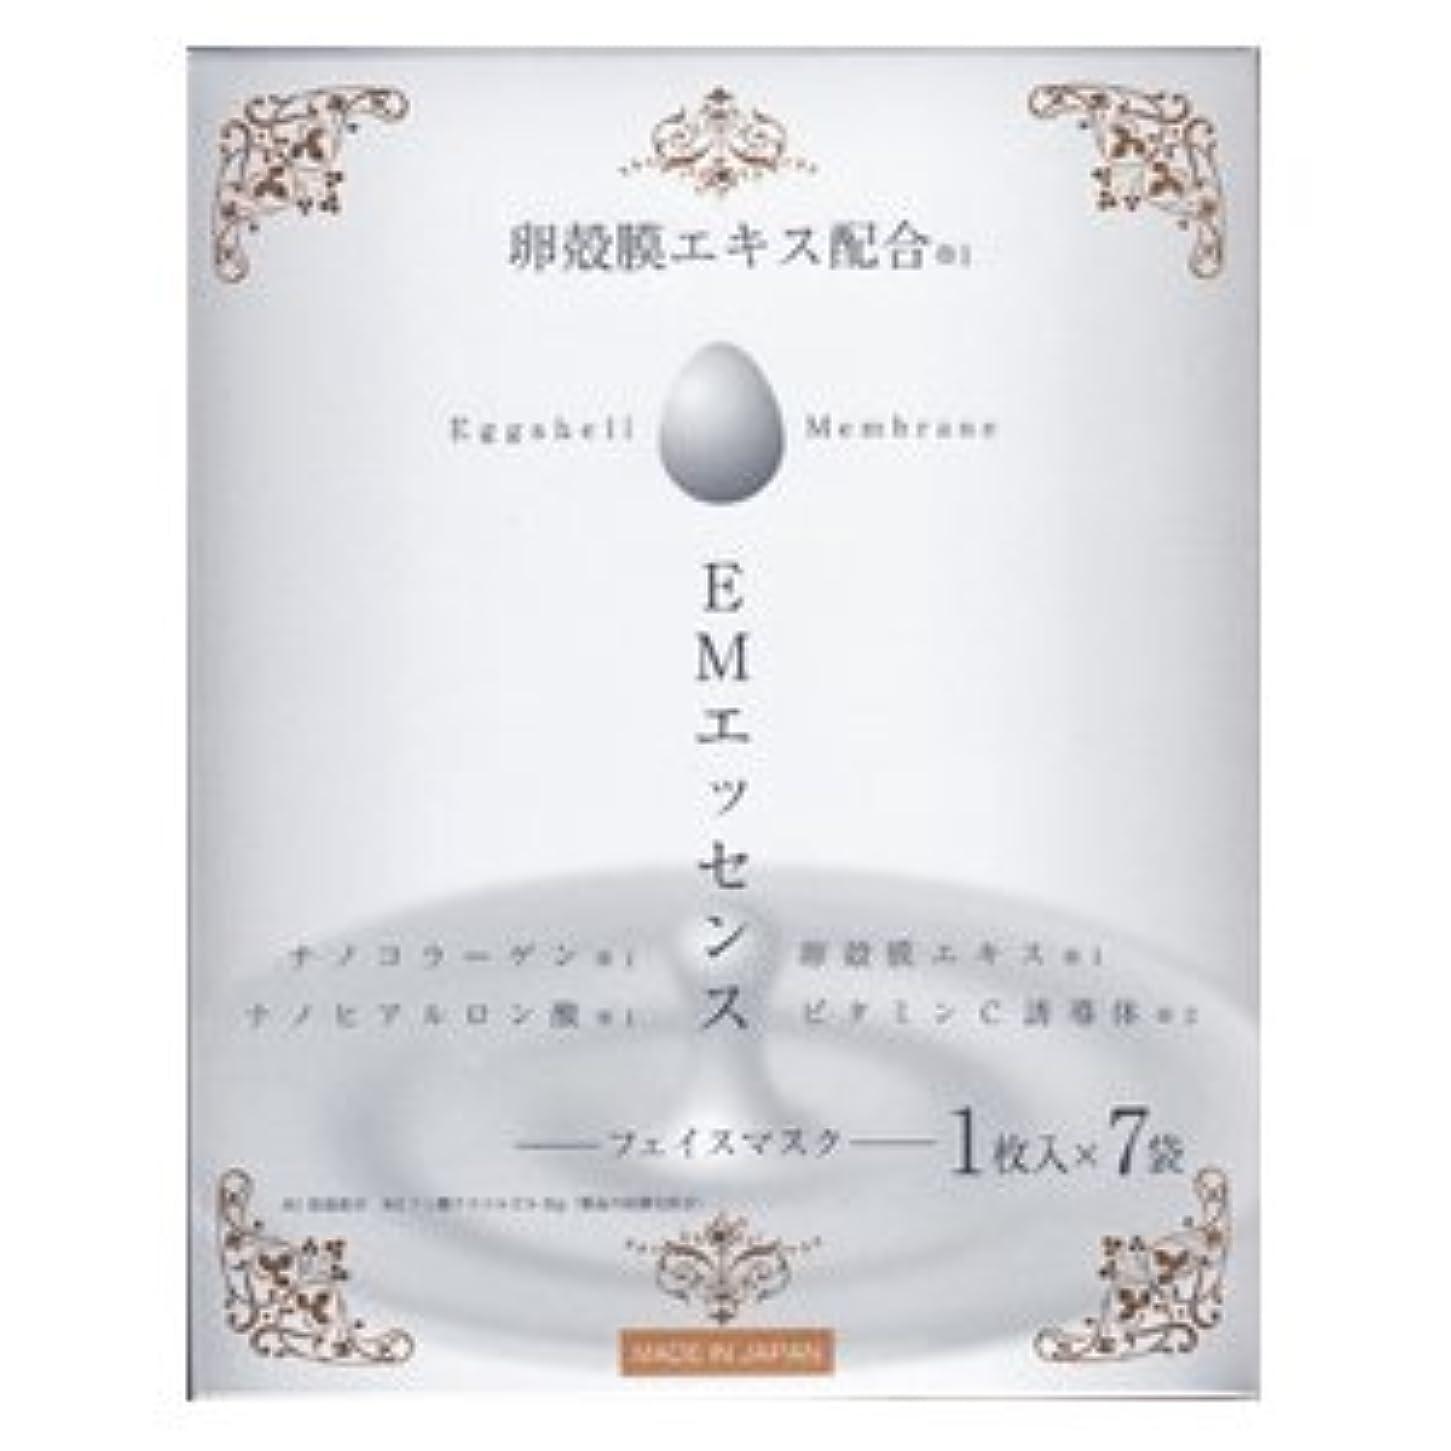 カートリッジ貯水池種をまく卵殻膜エキス配合 EMエッセンス フェイスマスク 1枚入×7袋